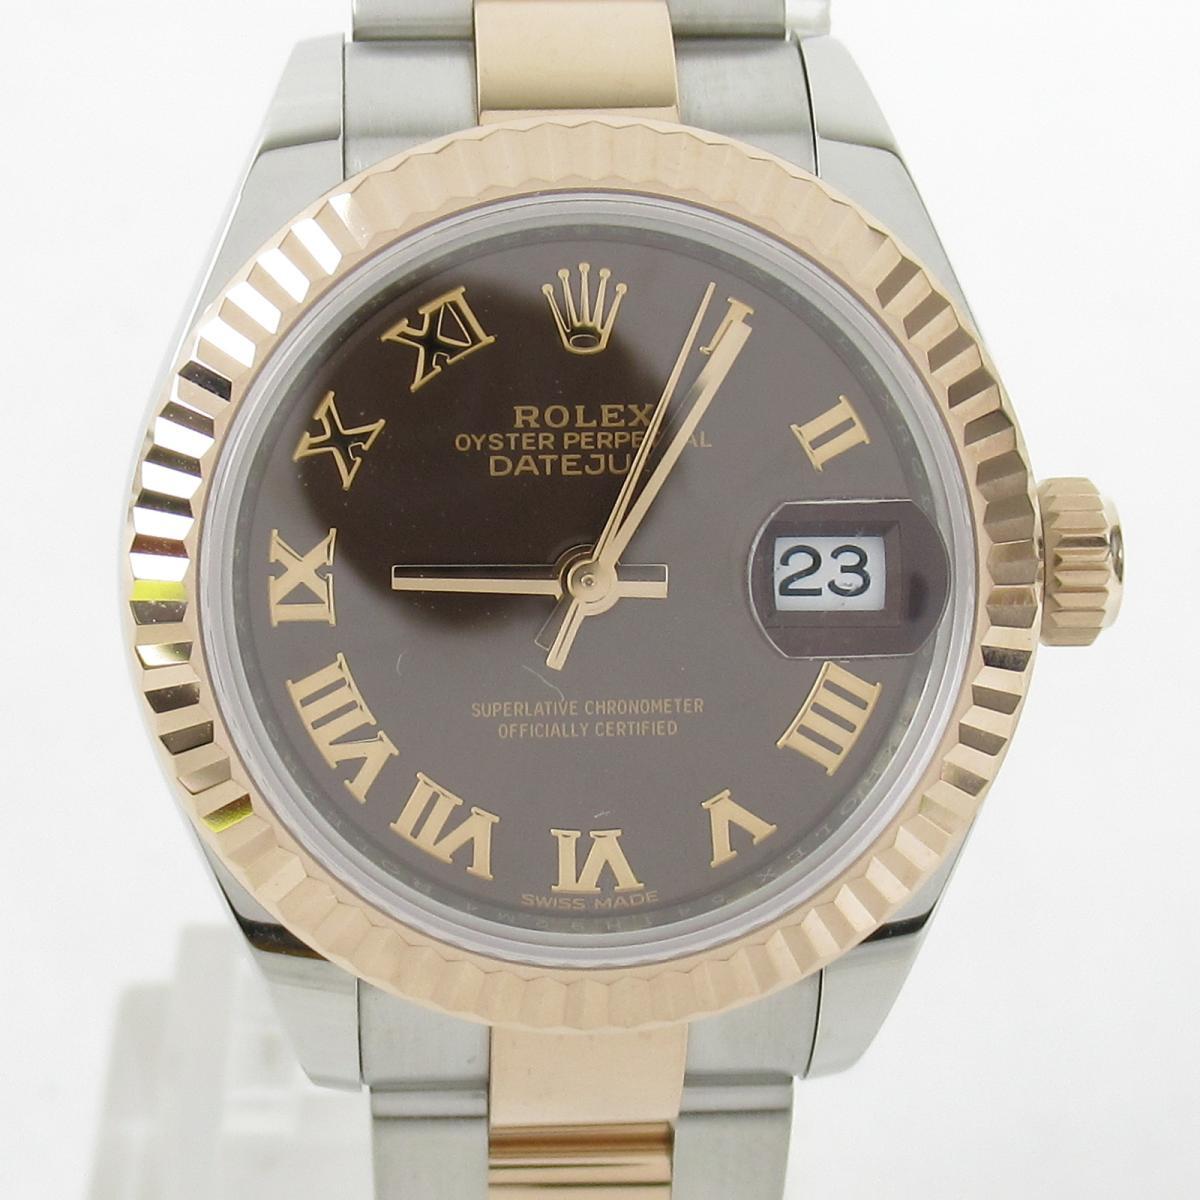 【中古】 ロレックス デイトジャスト 腕時計 レディース ステンレススチール (SS) K18 (エバーローズゴールド) (279171) | ROLEX BRANDOFF ブランドオフ ブランド ブランド時計 ブランド腕時計 時計 ウォッチ